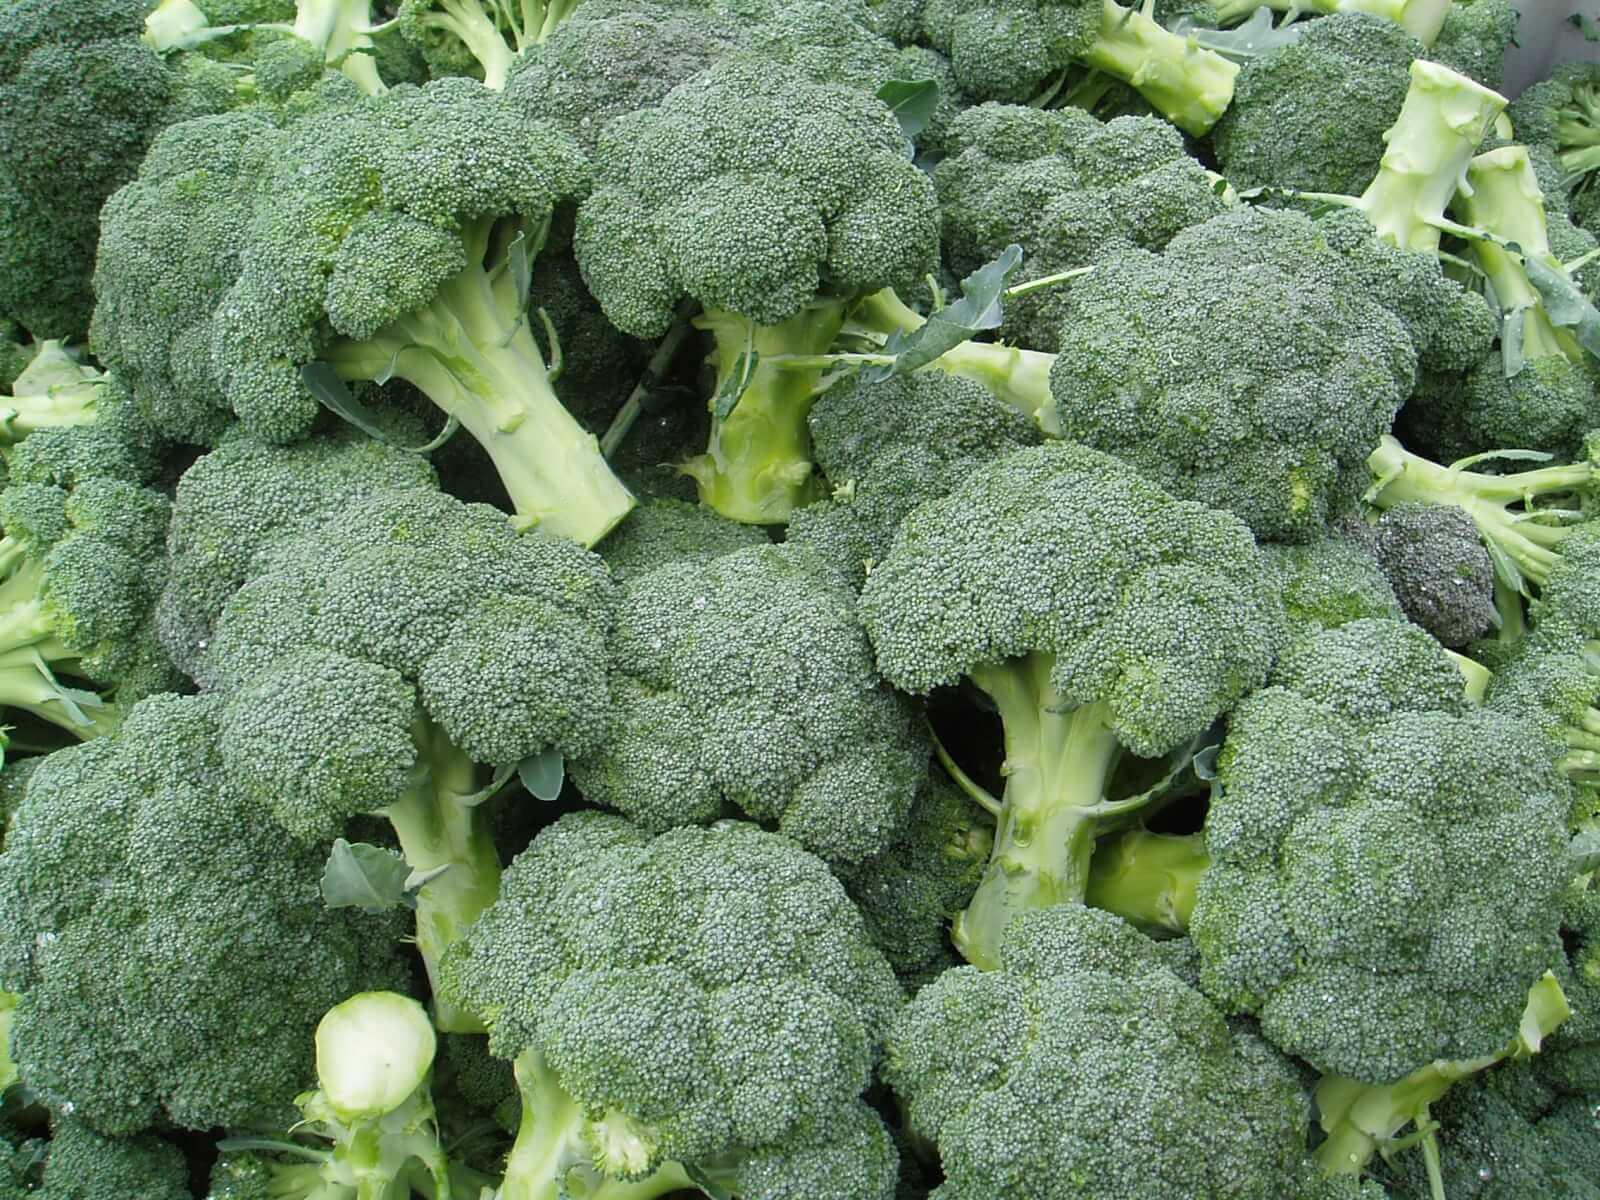 Брокколи вареная: калорийность и польза продукта